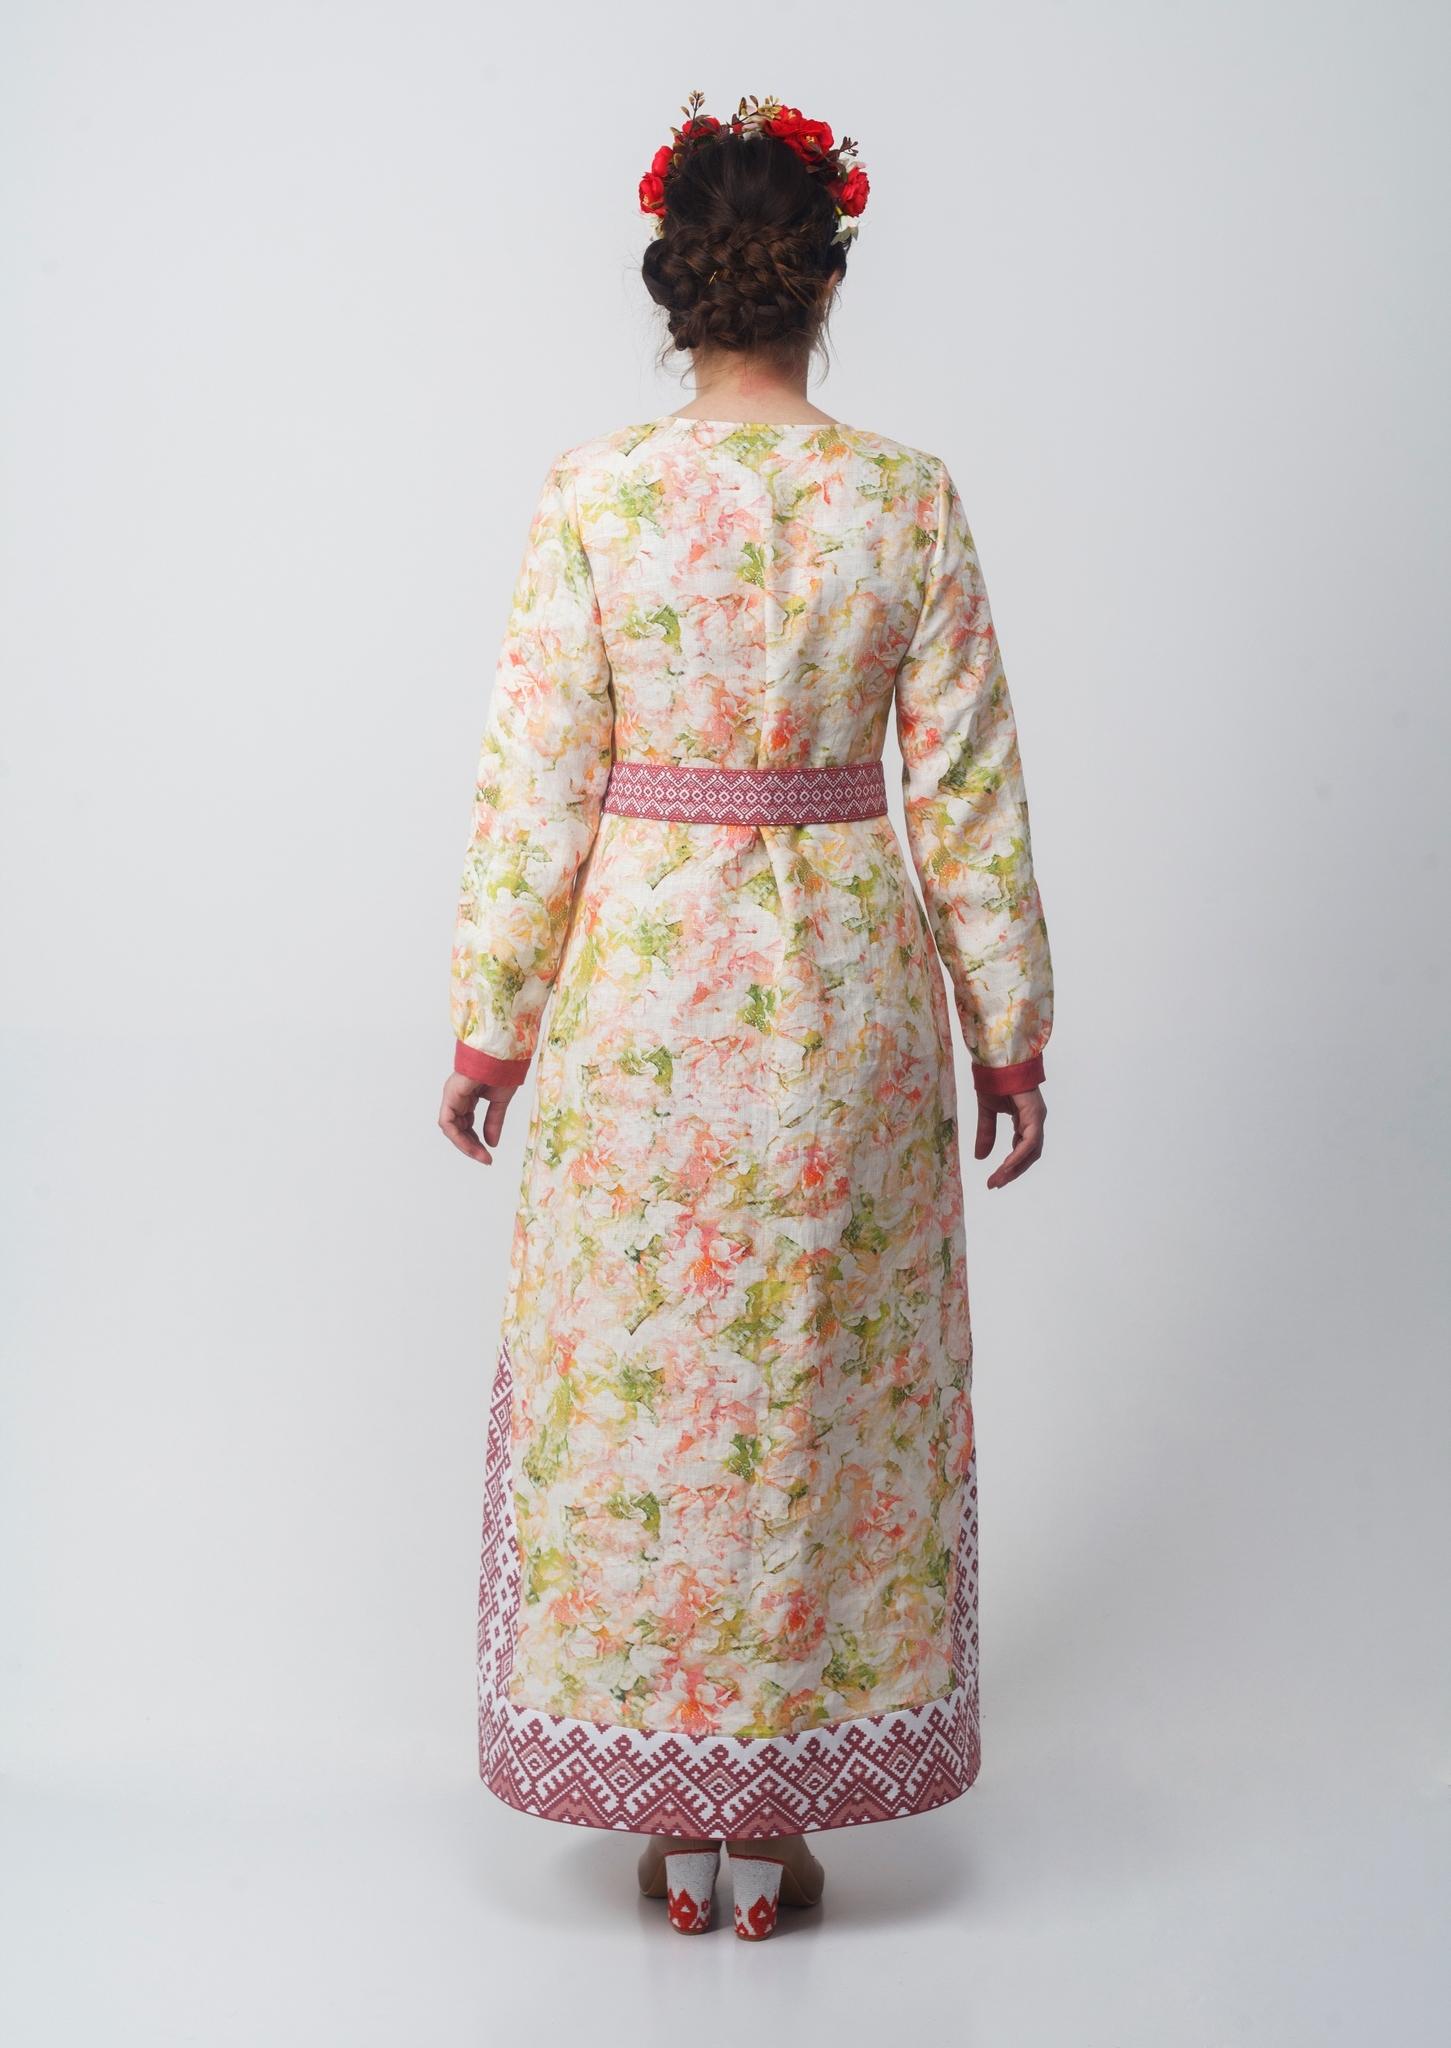 Платье Времена года Лето вид сзади